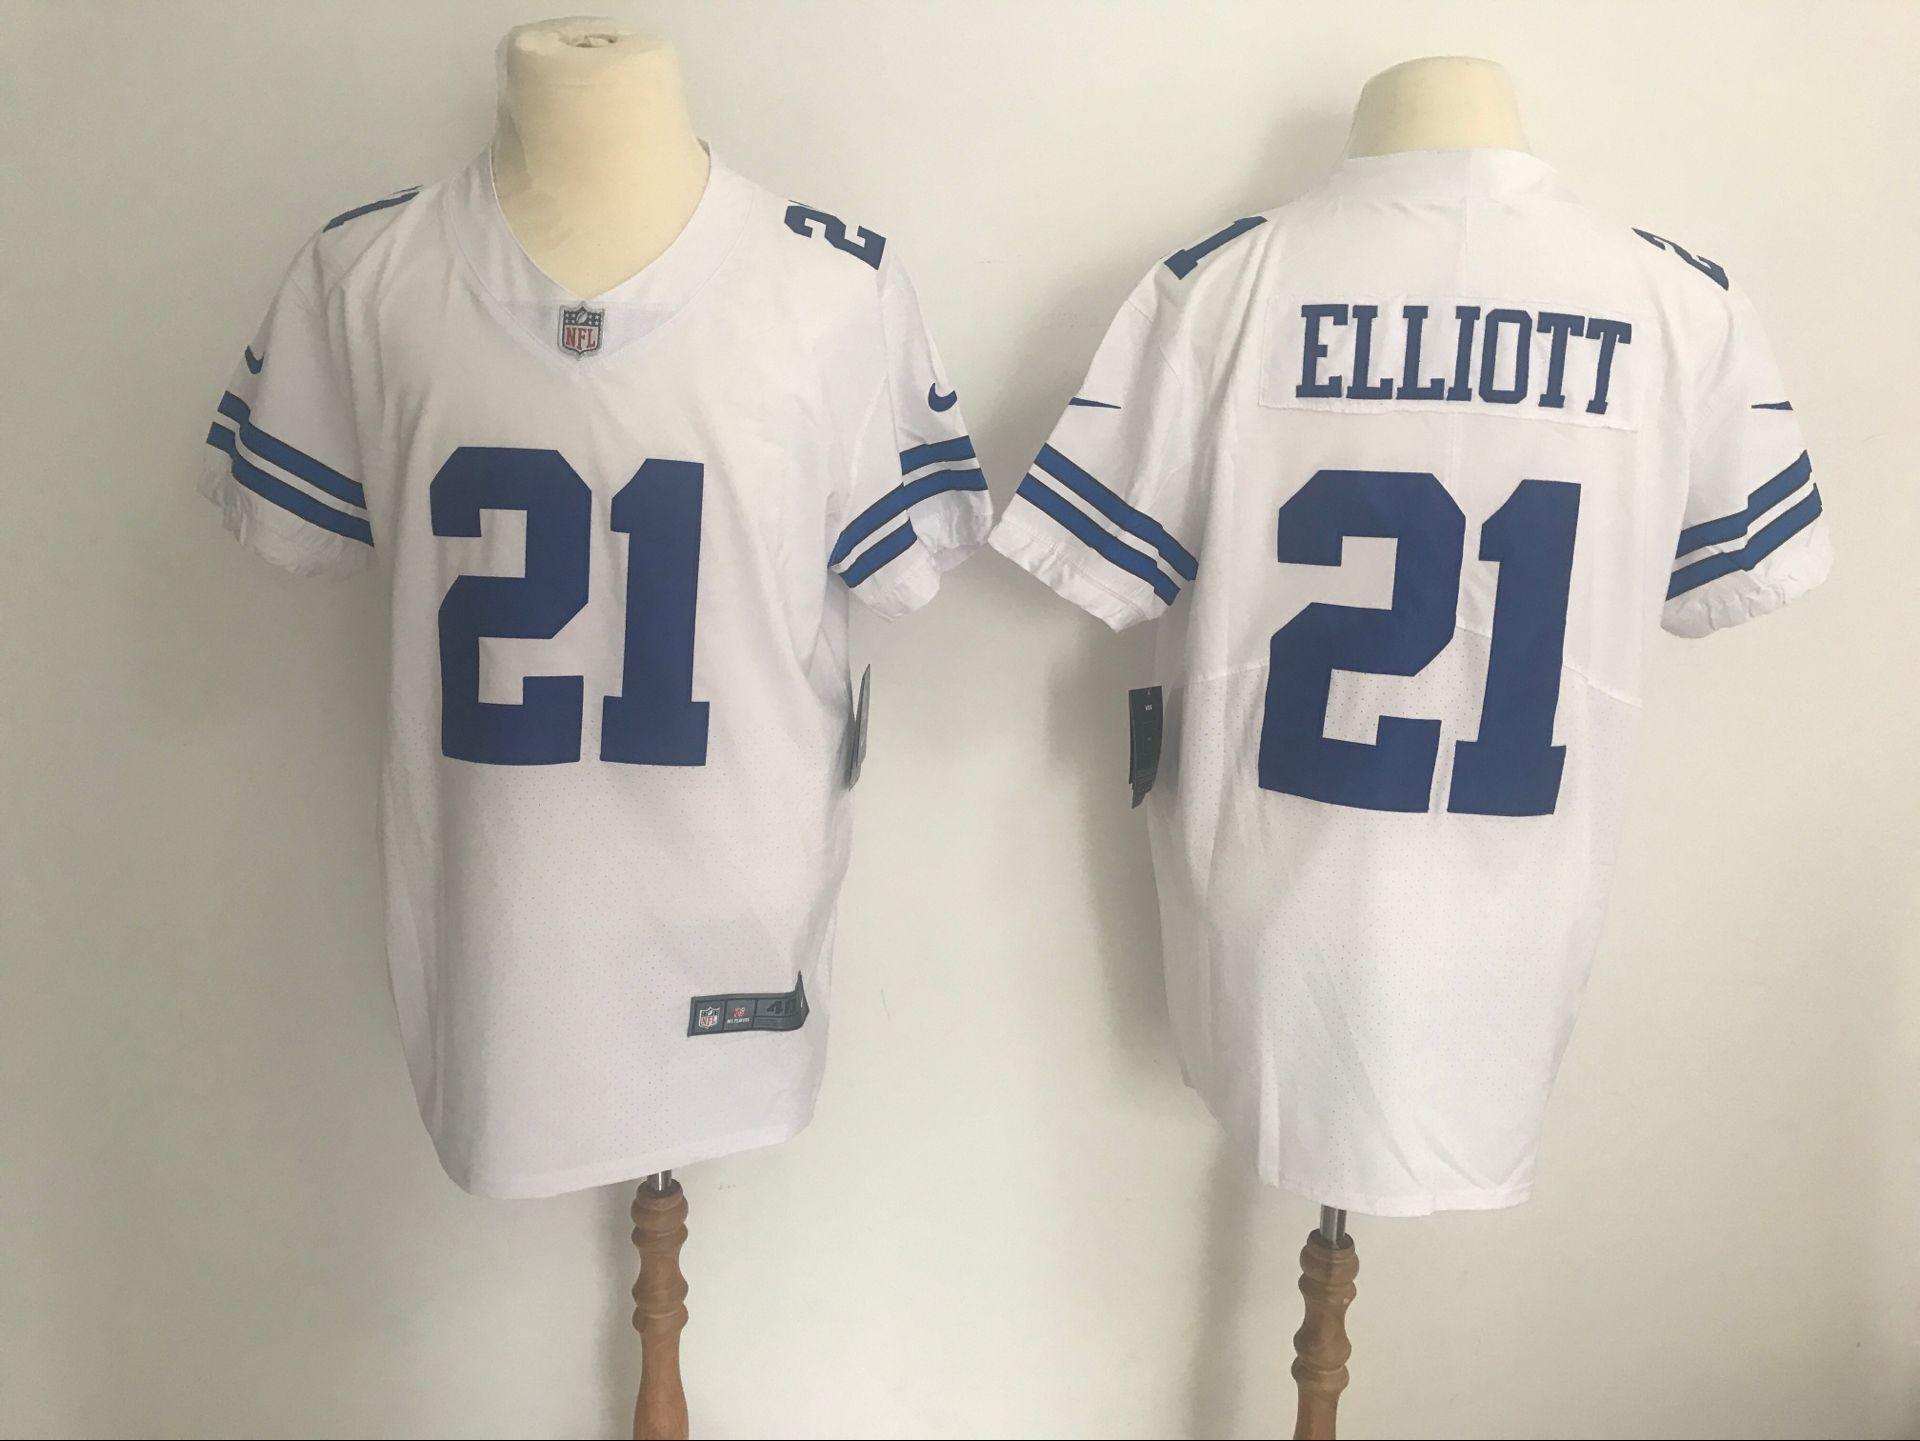 wholesale dealer ad3ff baf3e Cowboys 21 Ezekiel #Elliott White Vapor Untouchable Player ...